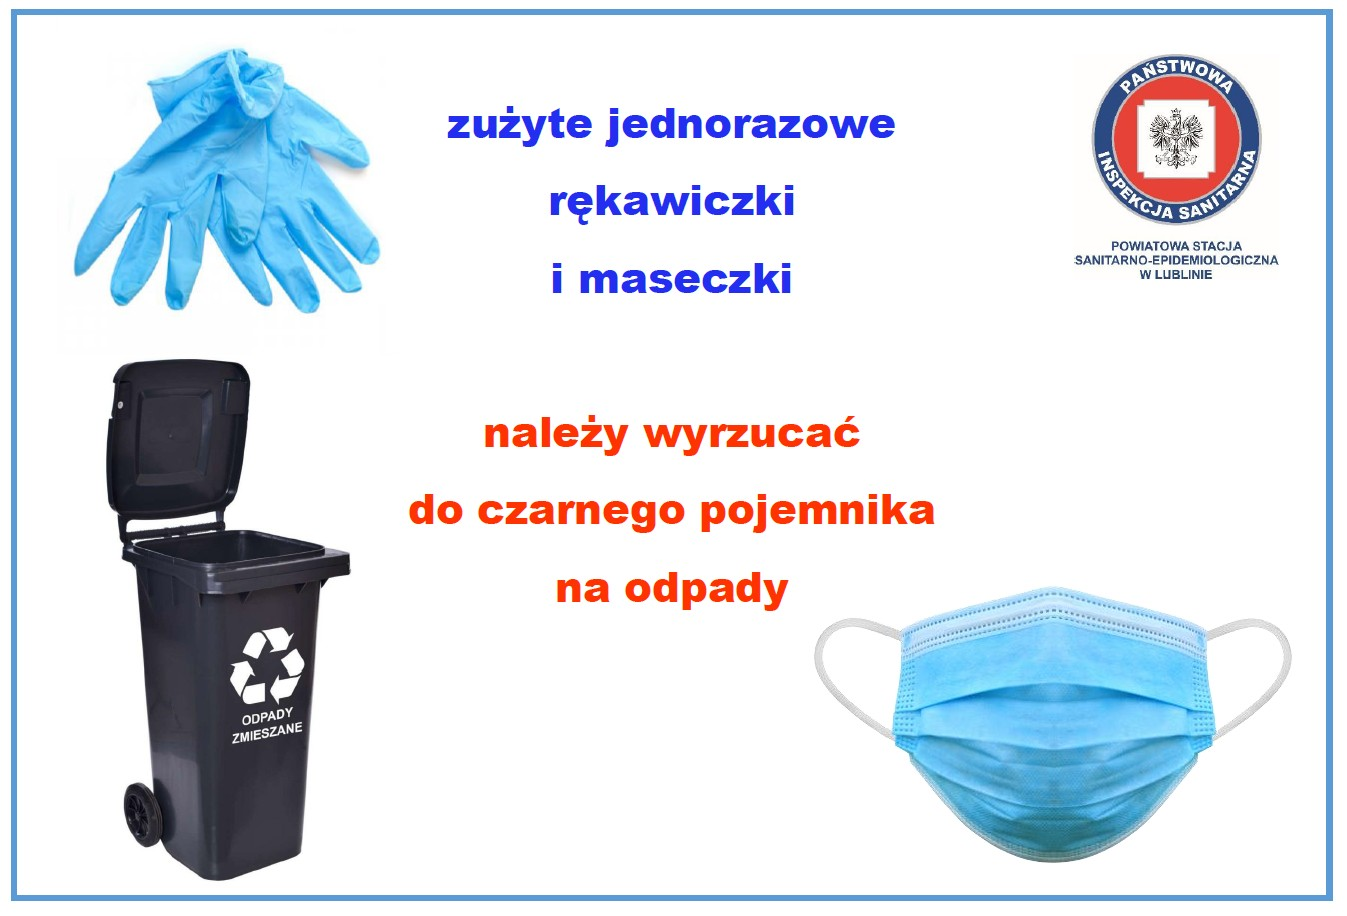 Sugestie Ministerstwa Zdrowia